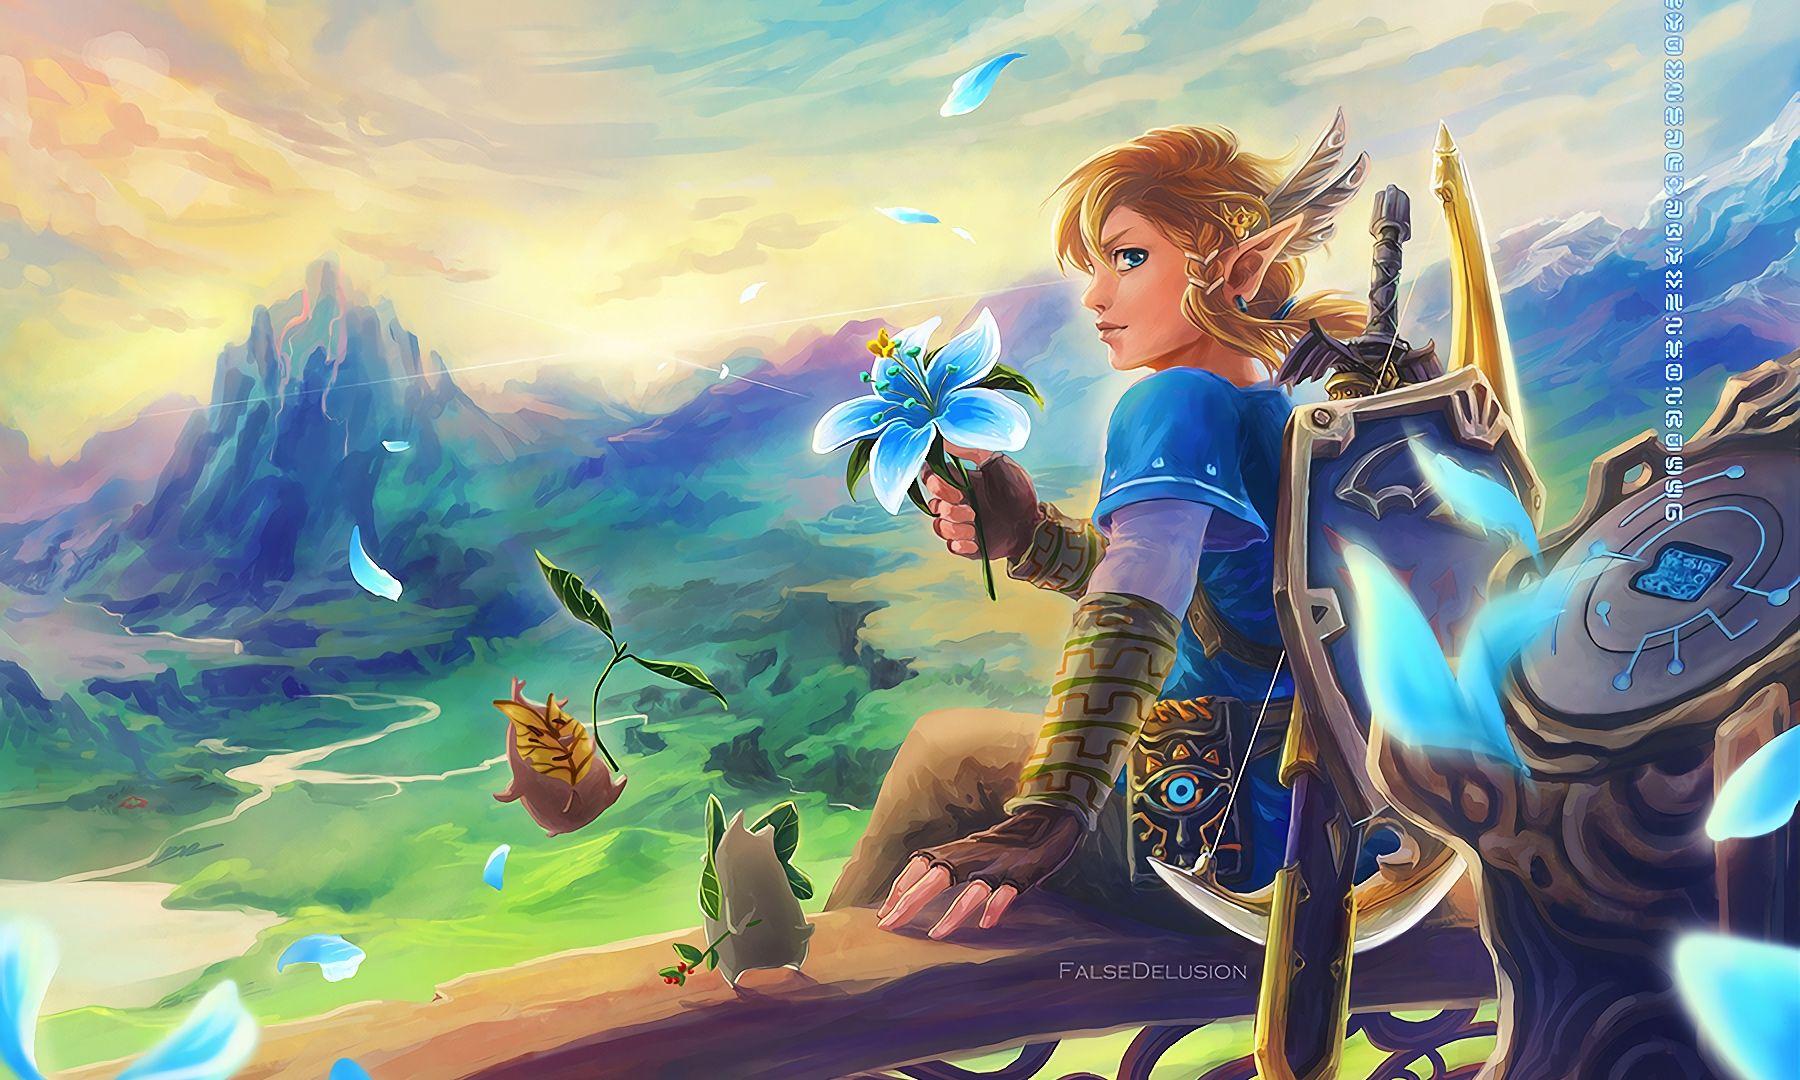 The Legend Of Zelda Wallpaper Hd Desktop Wallpaper The Legend Of Zelda Breath Of The Wild